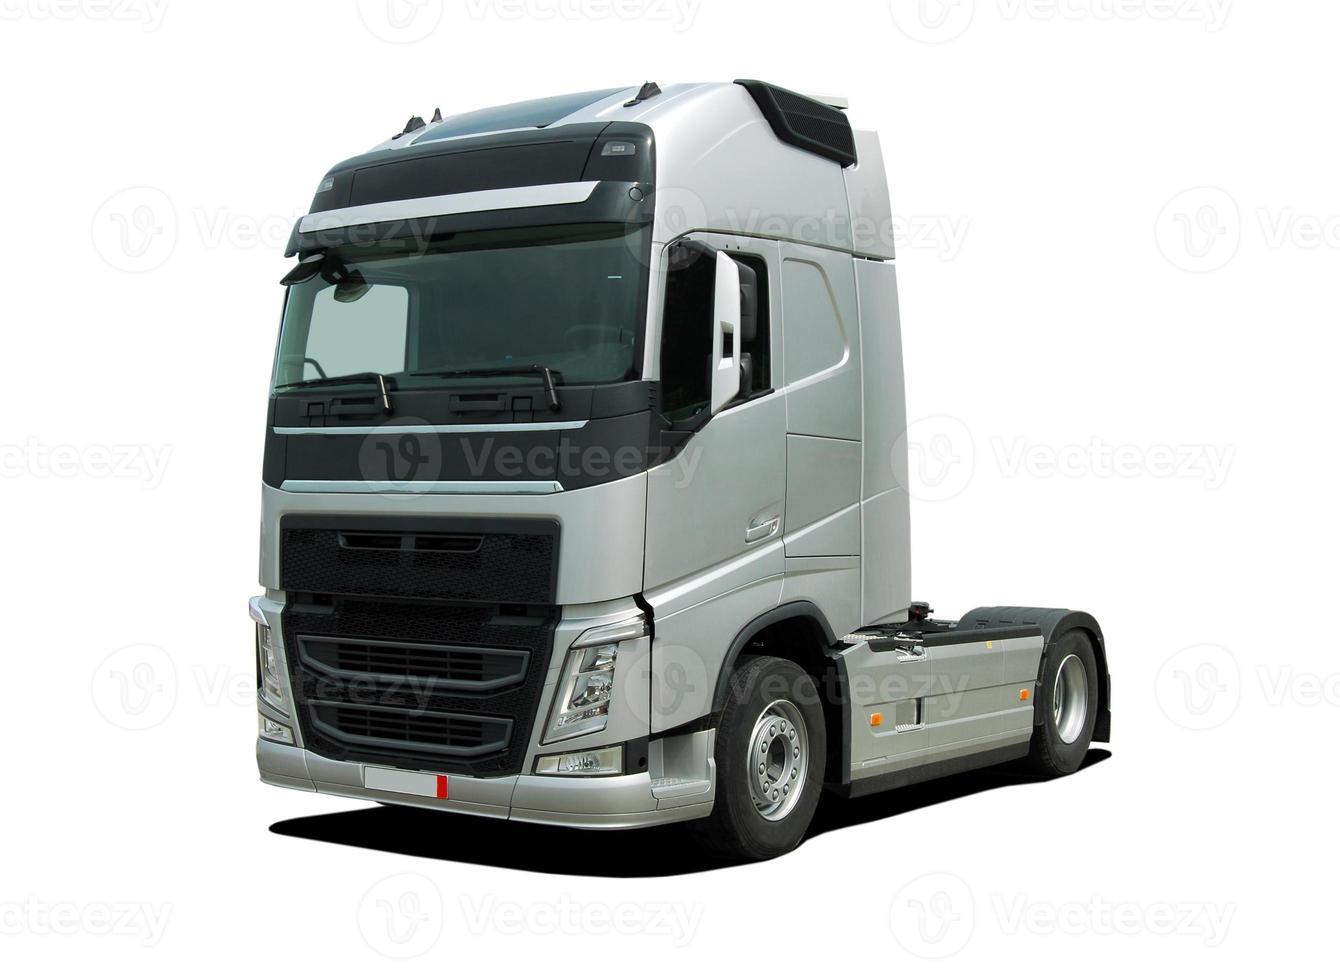 caminhão foto